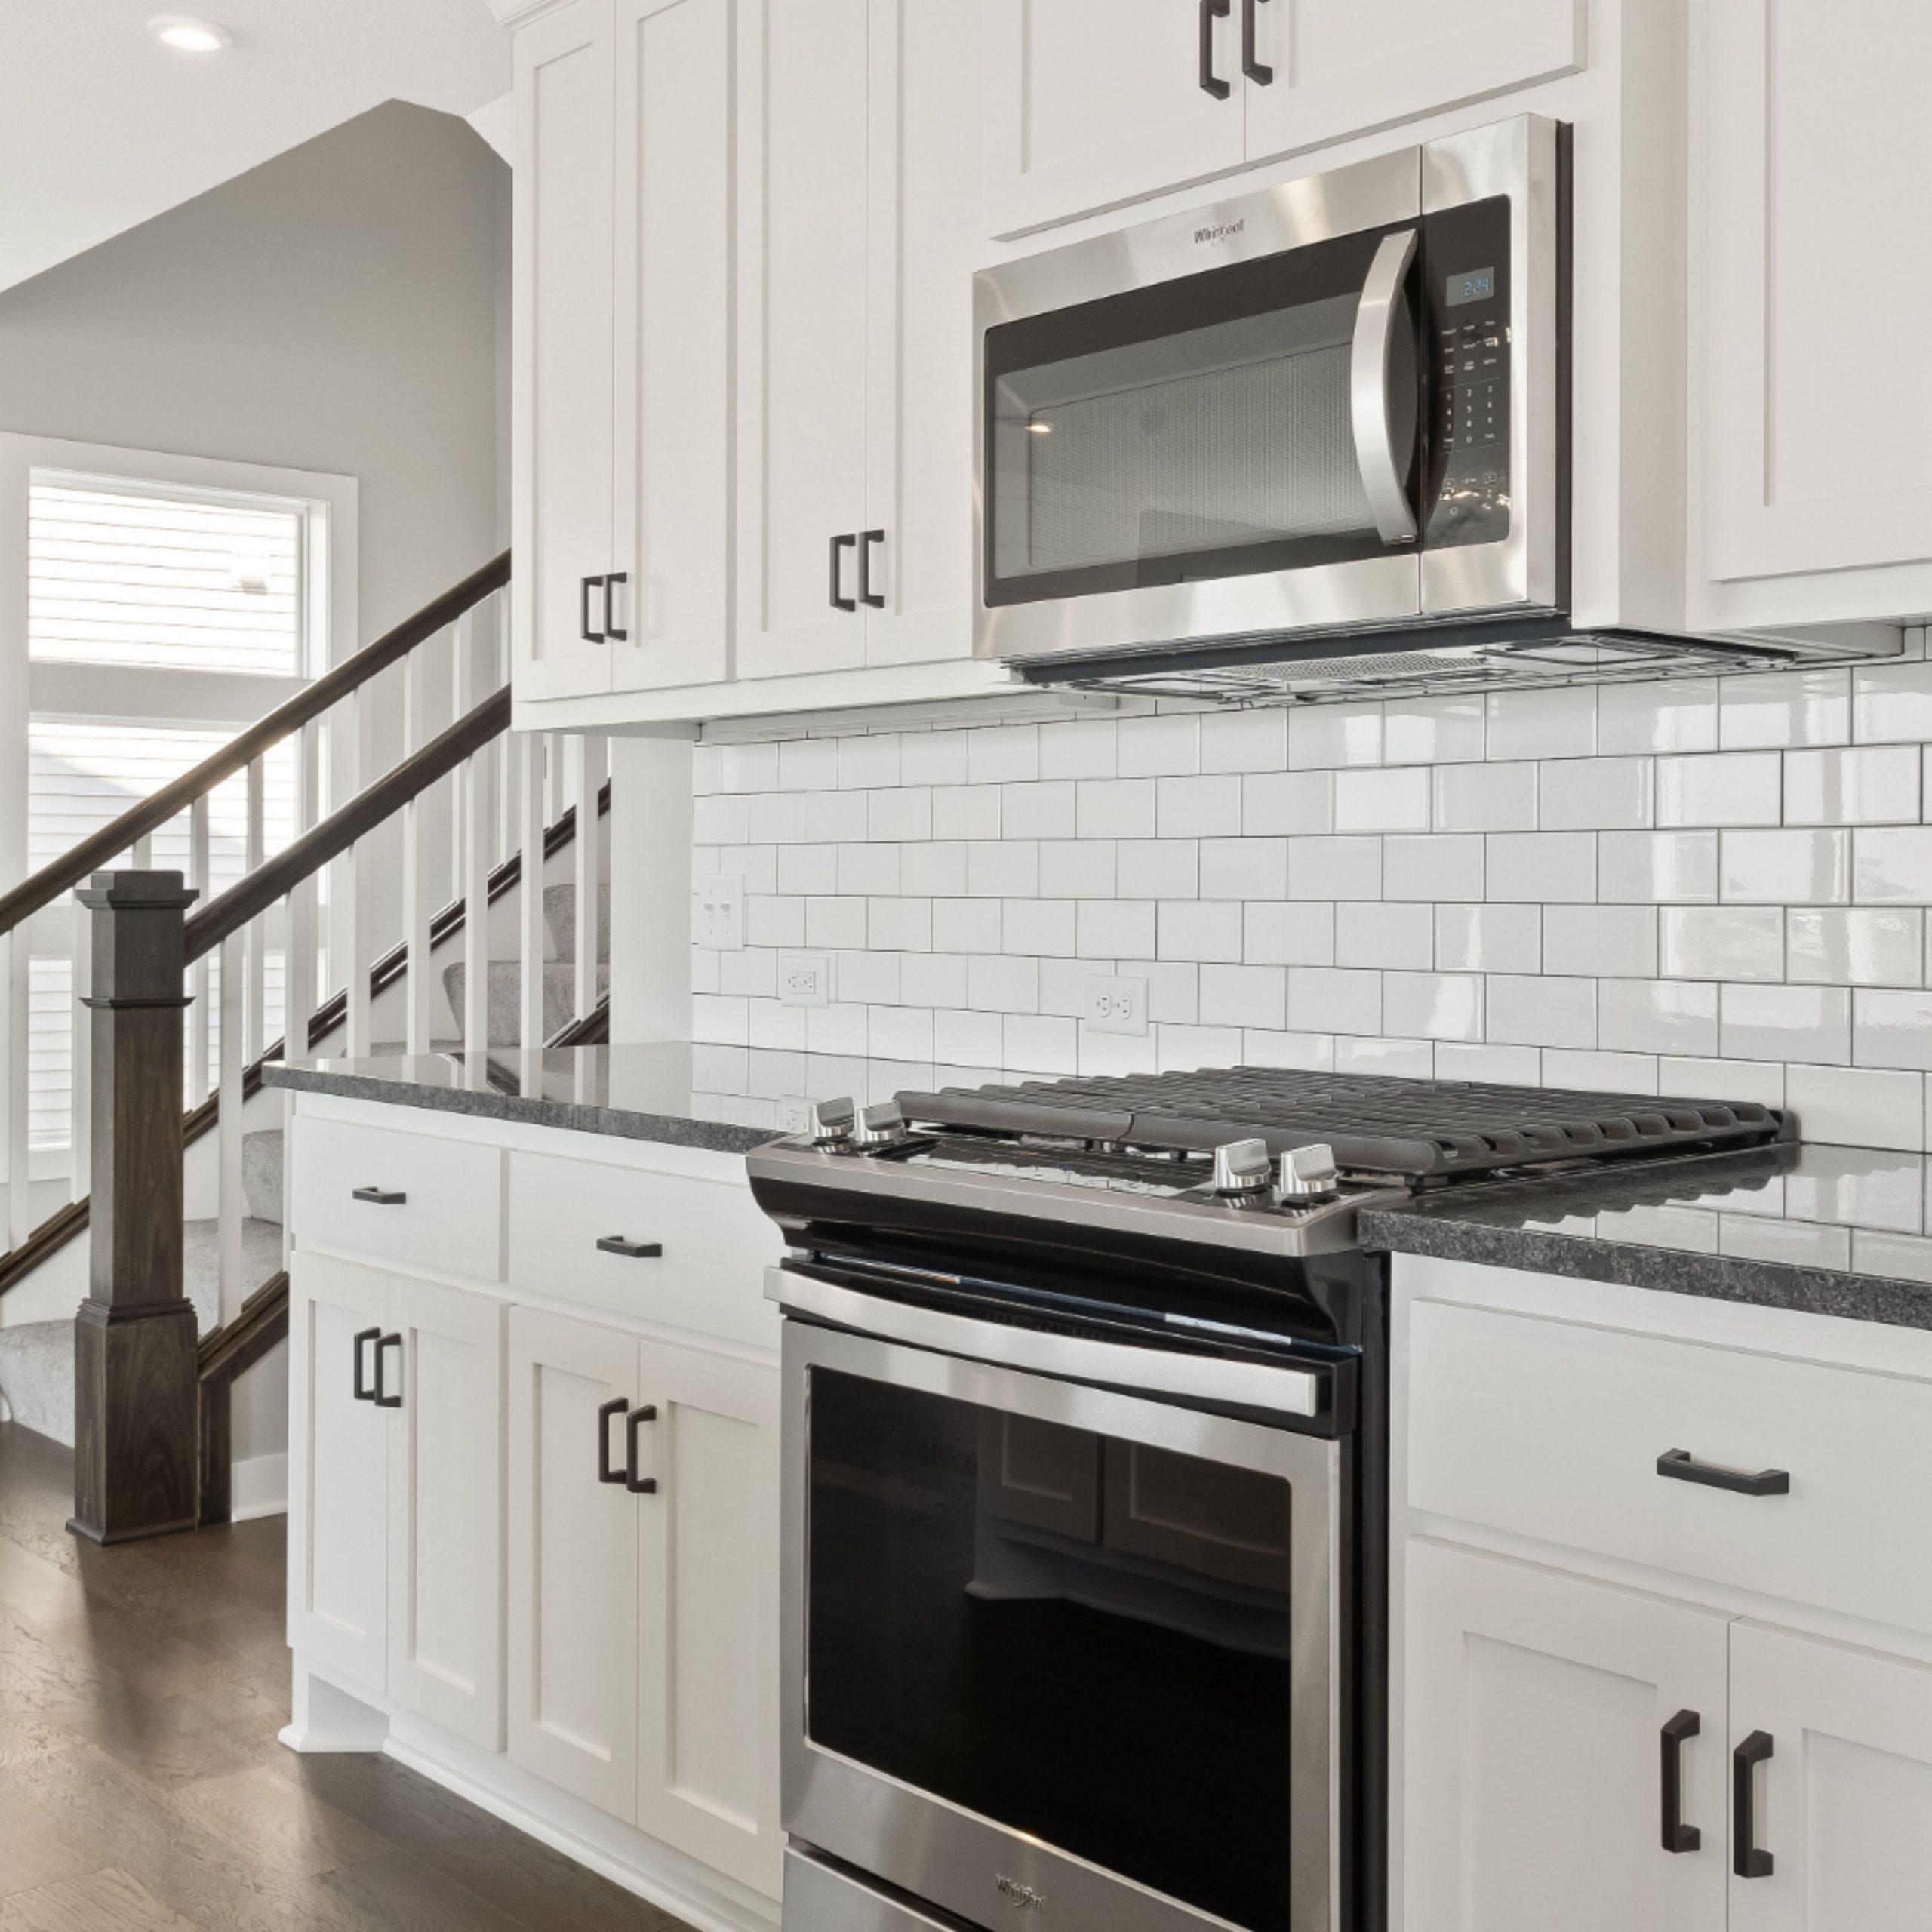 Hanson Builders - Newport Kitchen in 11  Black granite kitchen  - Hanson Kitchen Cabinets